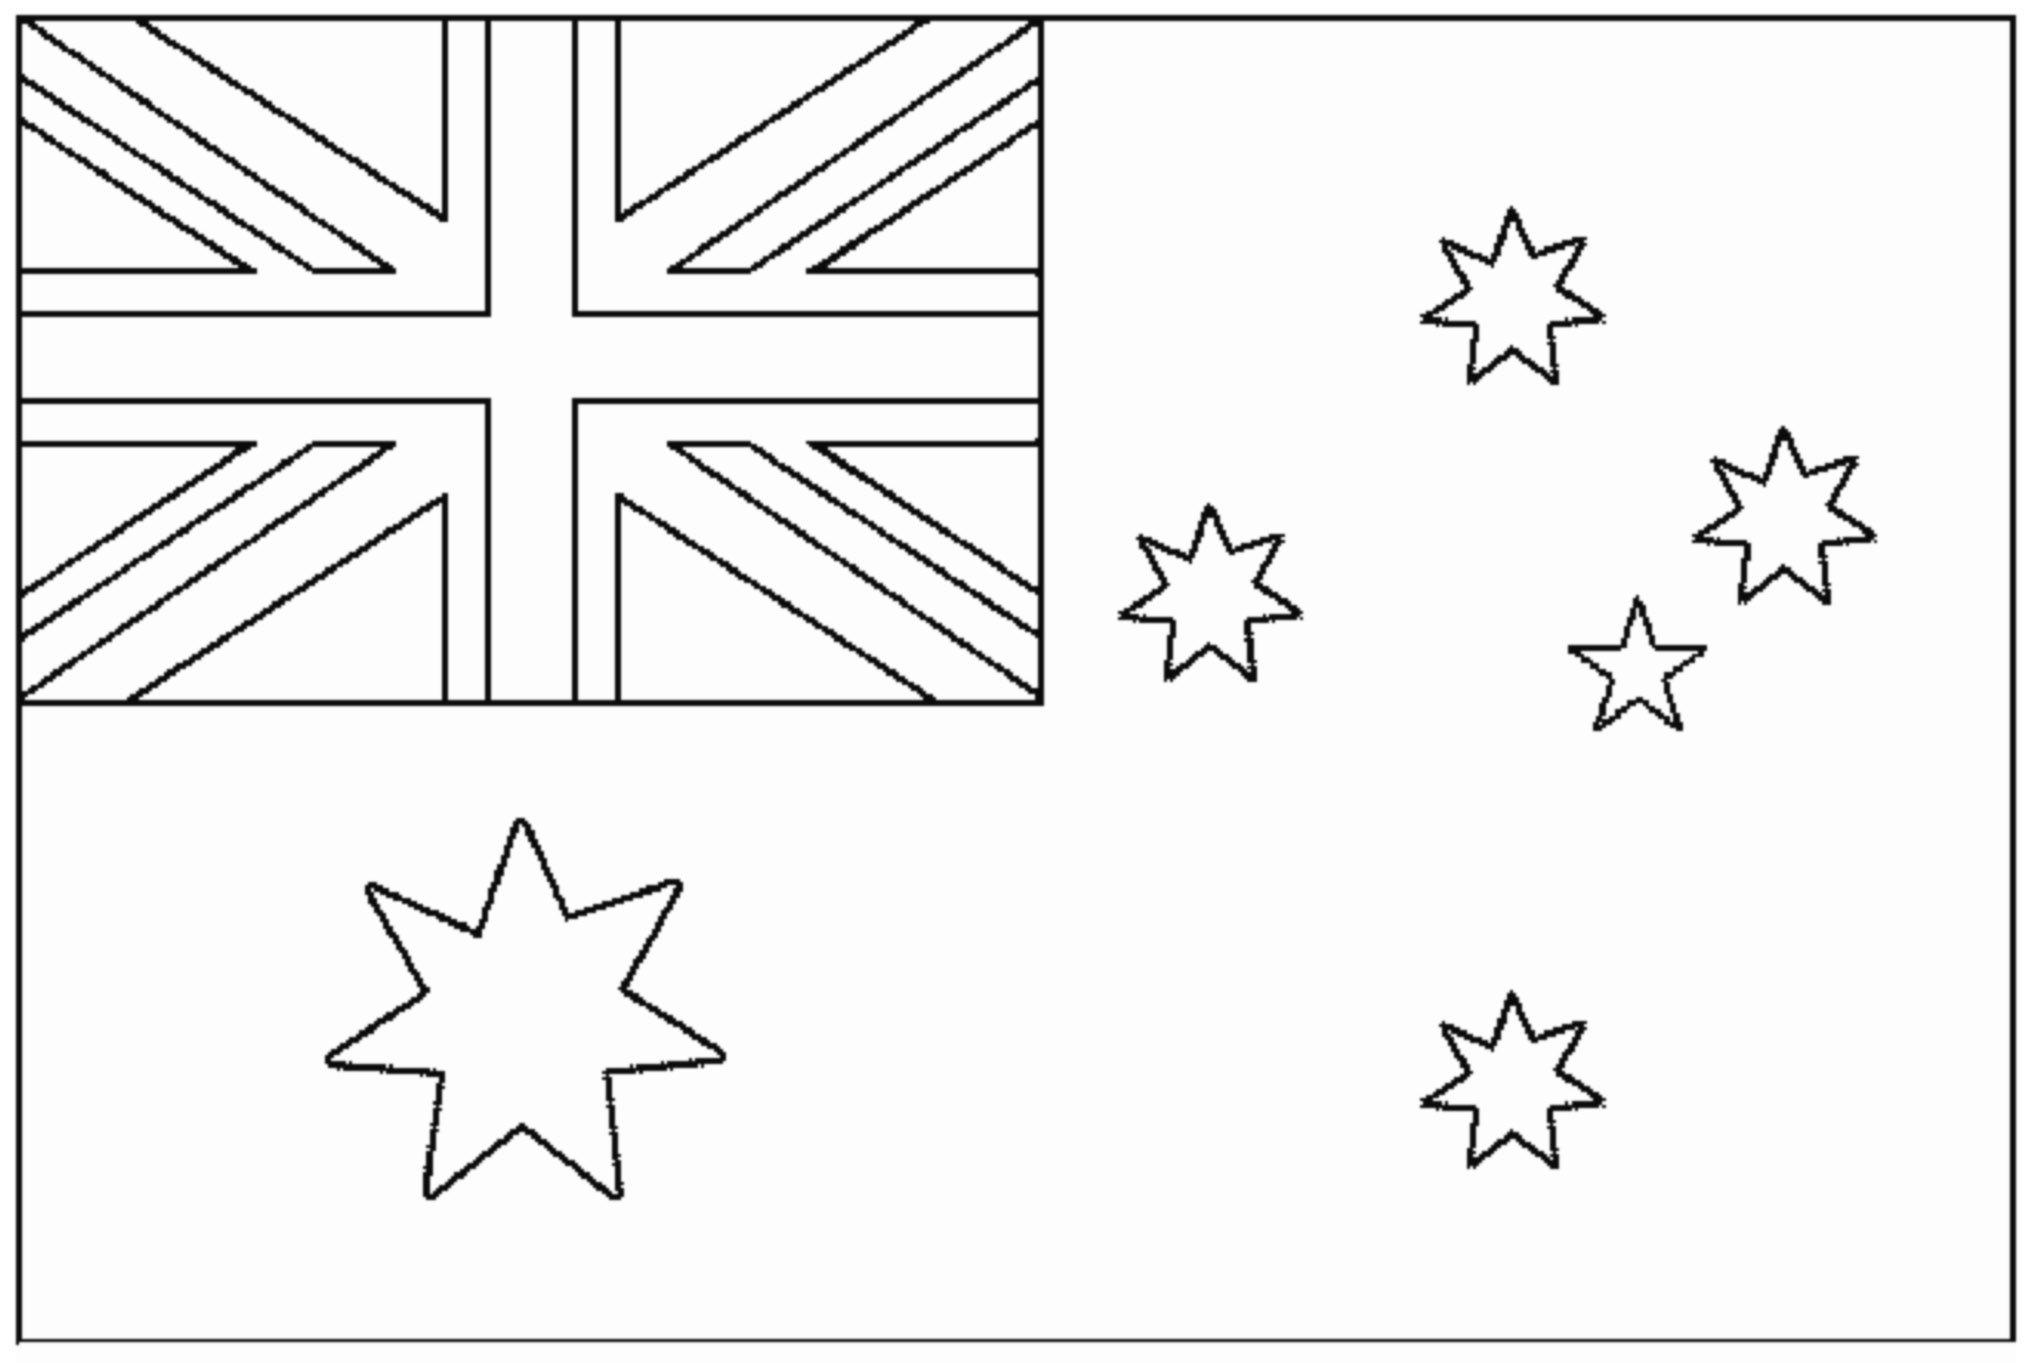 coloriage-drapeau-australie.jpg (2034×1363) https://www.coloriages-pour-enfants.net/wp-content/uploads/sites/11/nggallery/drapeaux/coloriage-drapeau-australie.jpg